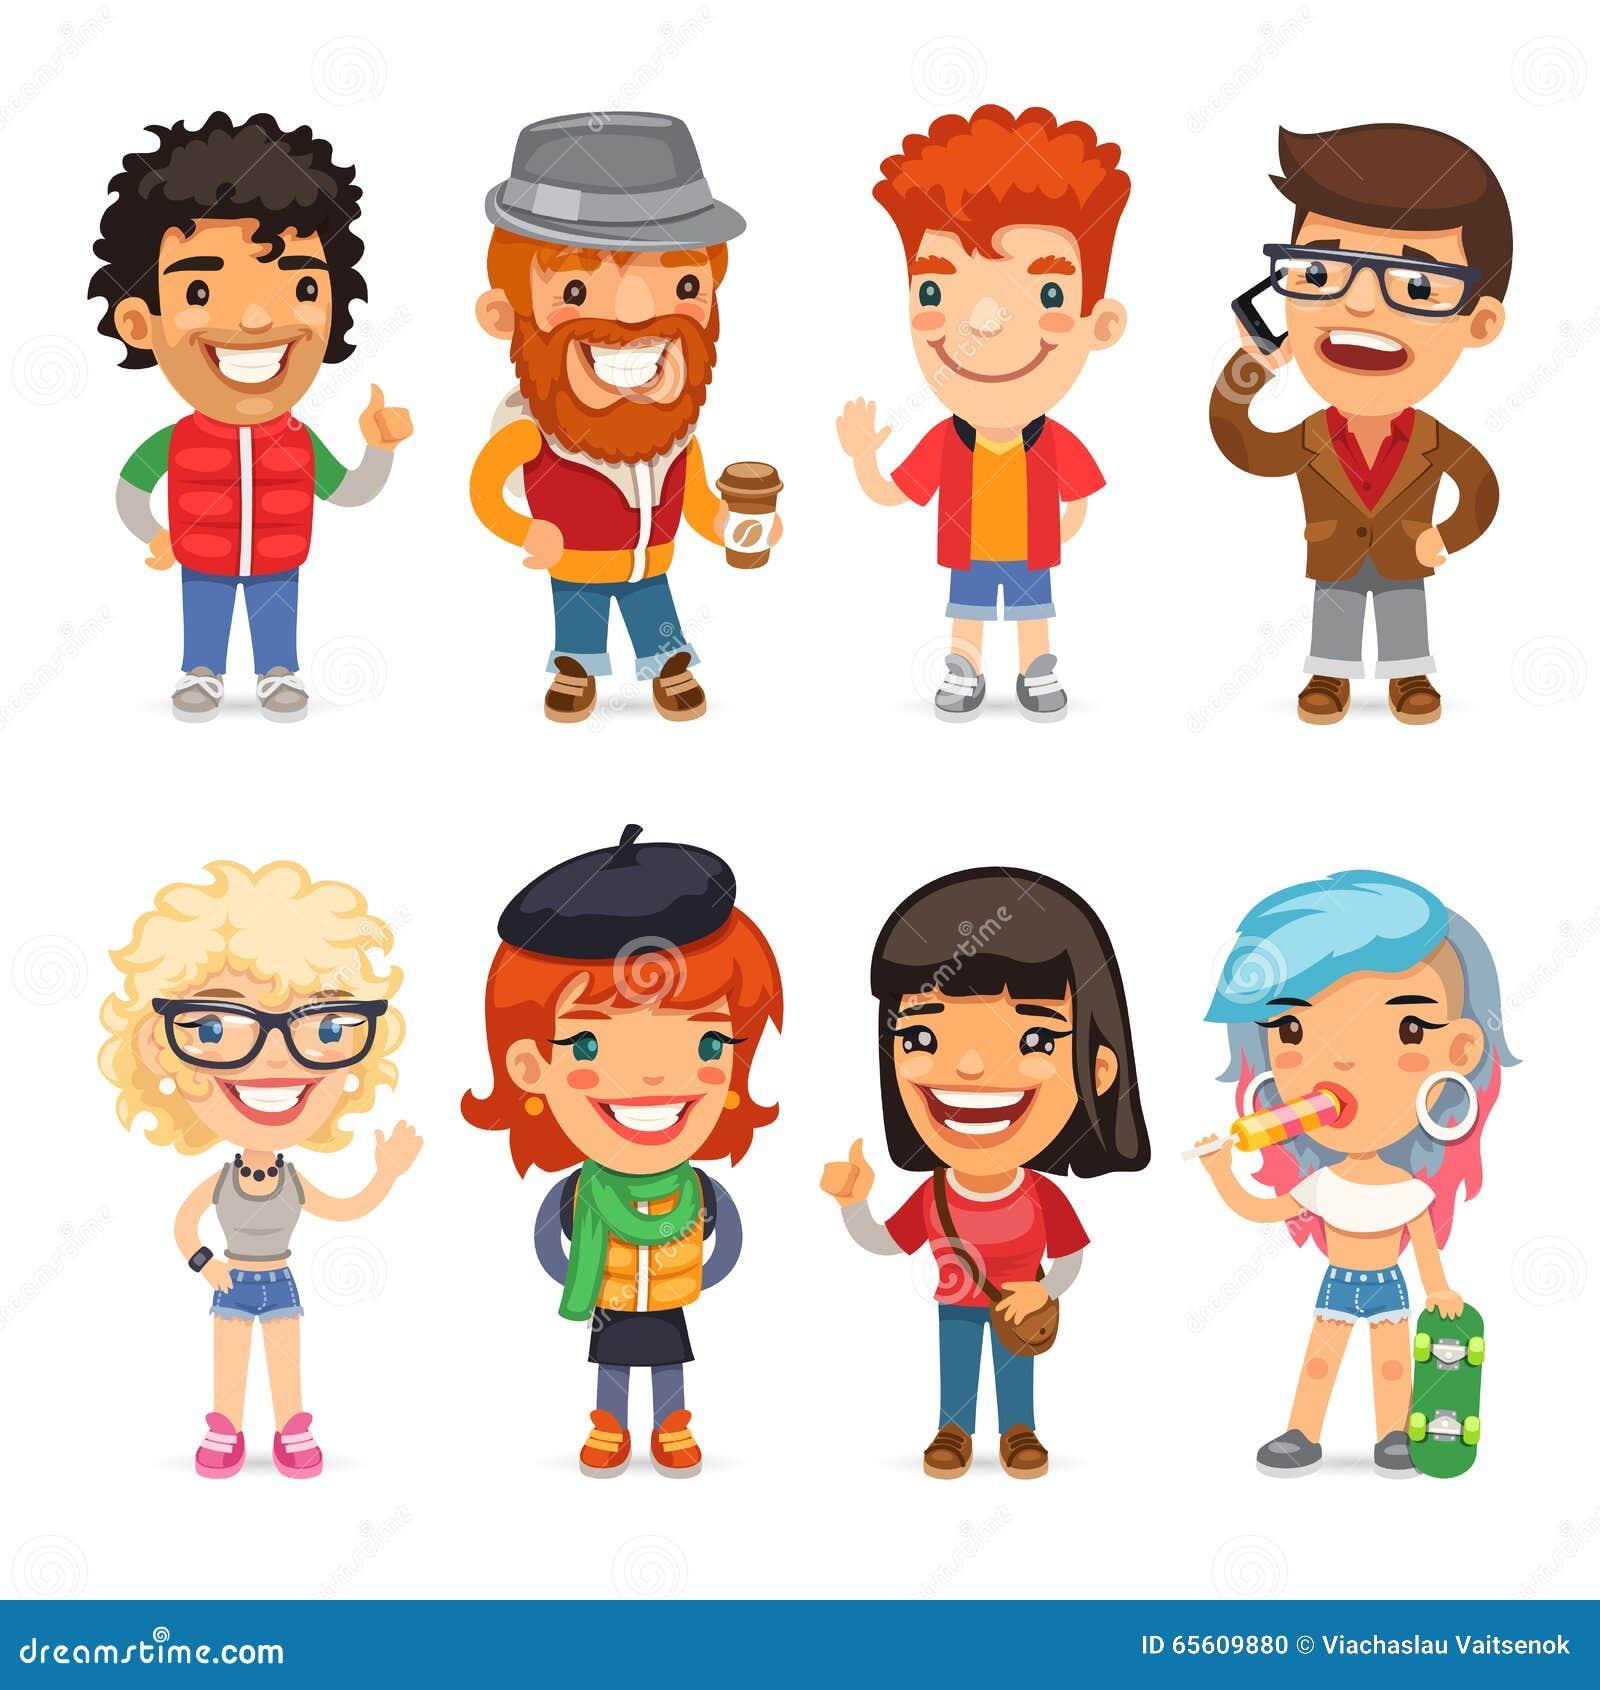 Personnages de dessin anim en passant habill s illustration de vecteur illustration du - Image de personnage de manga ...